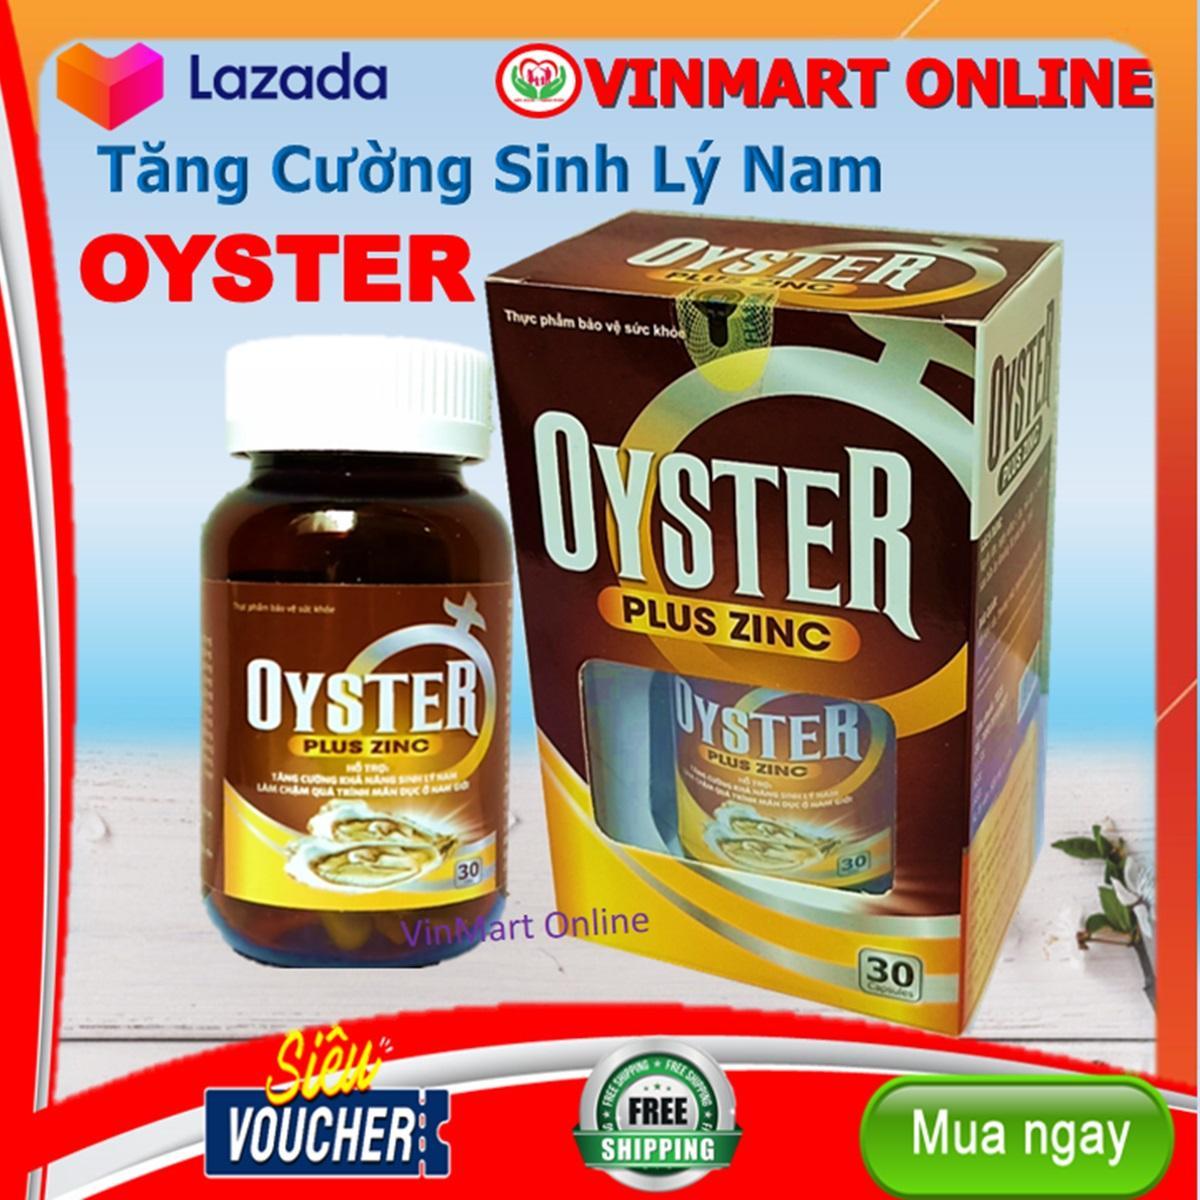 Giảm Giá Khi Mua cho Hàu Biển Oyster Plus Zinc  - Tăng Cường Sinh Lý - Bổ Thận - Tráng Dương- HSD 2022